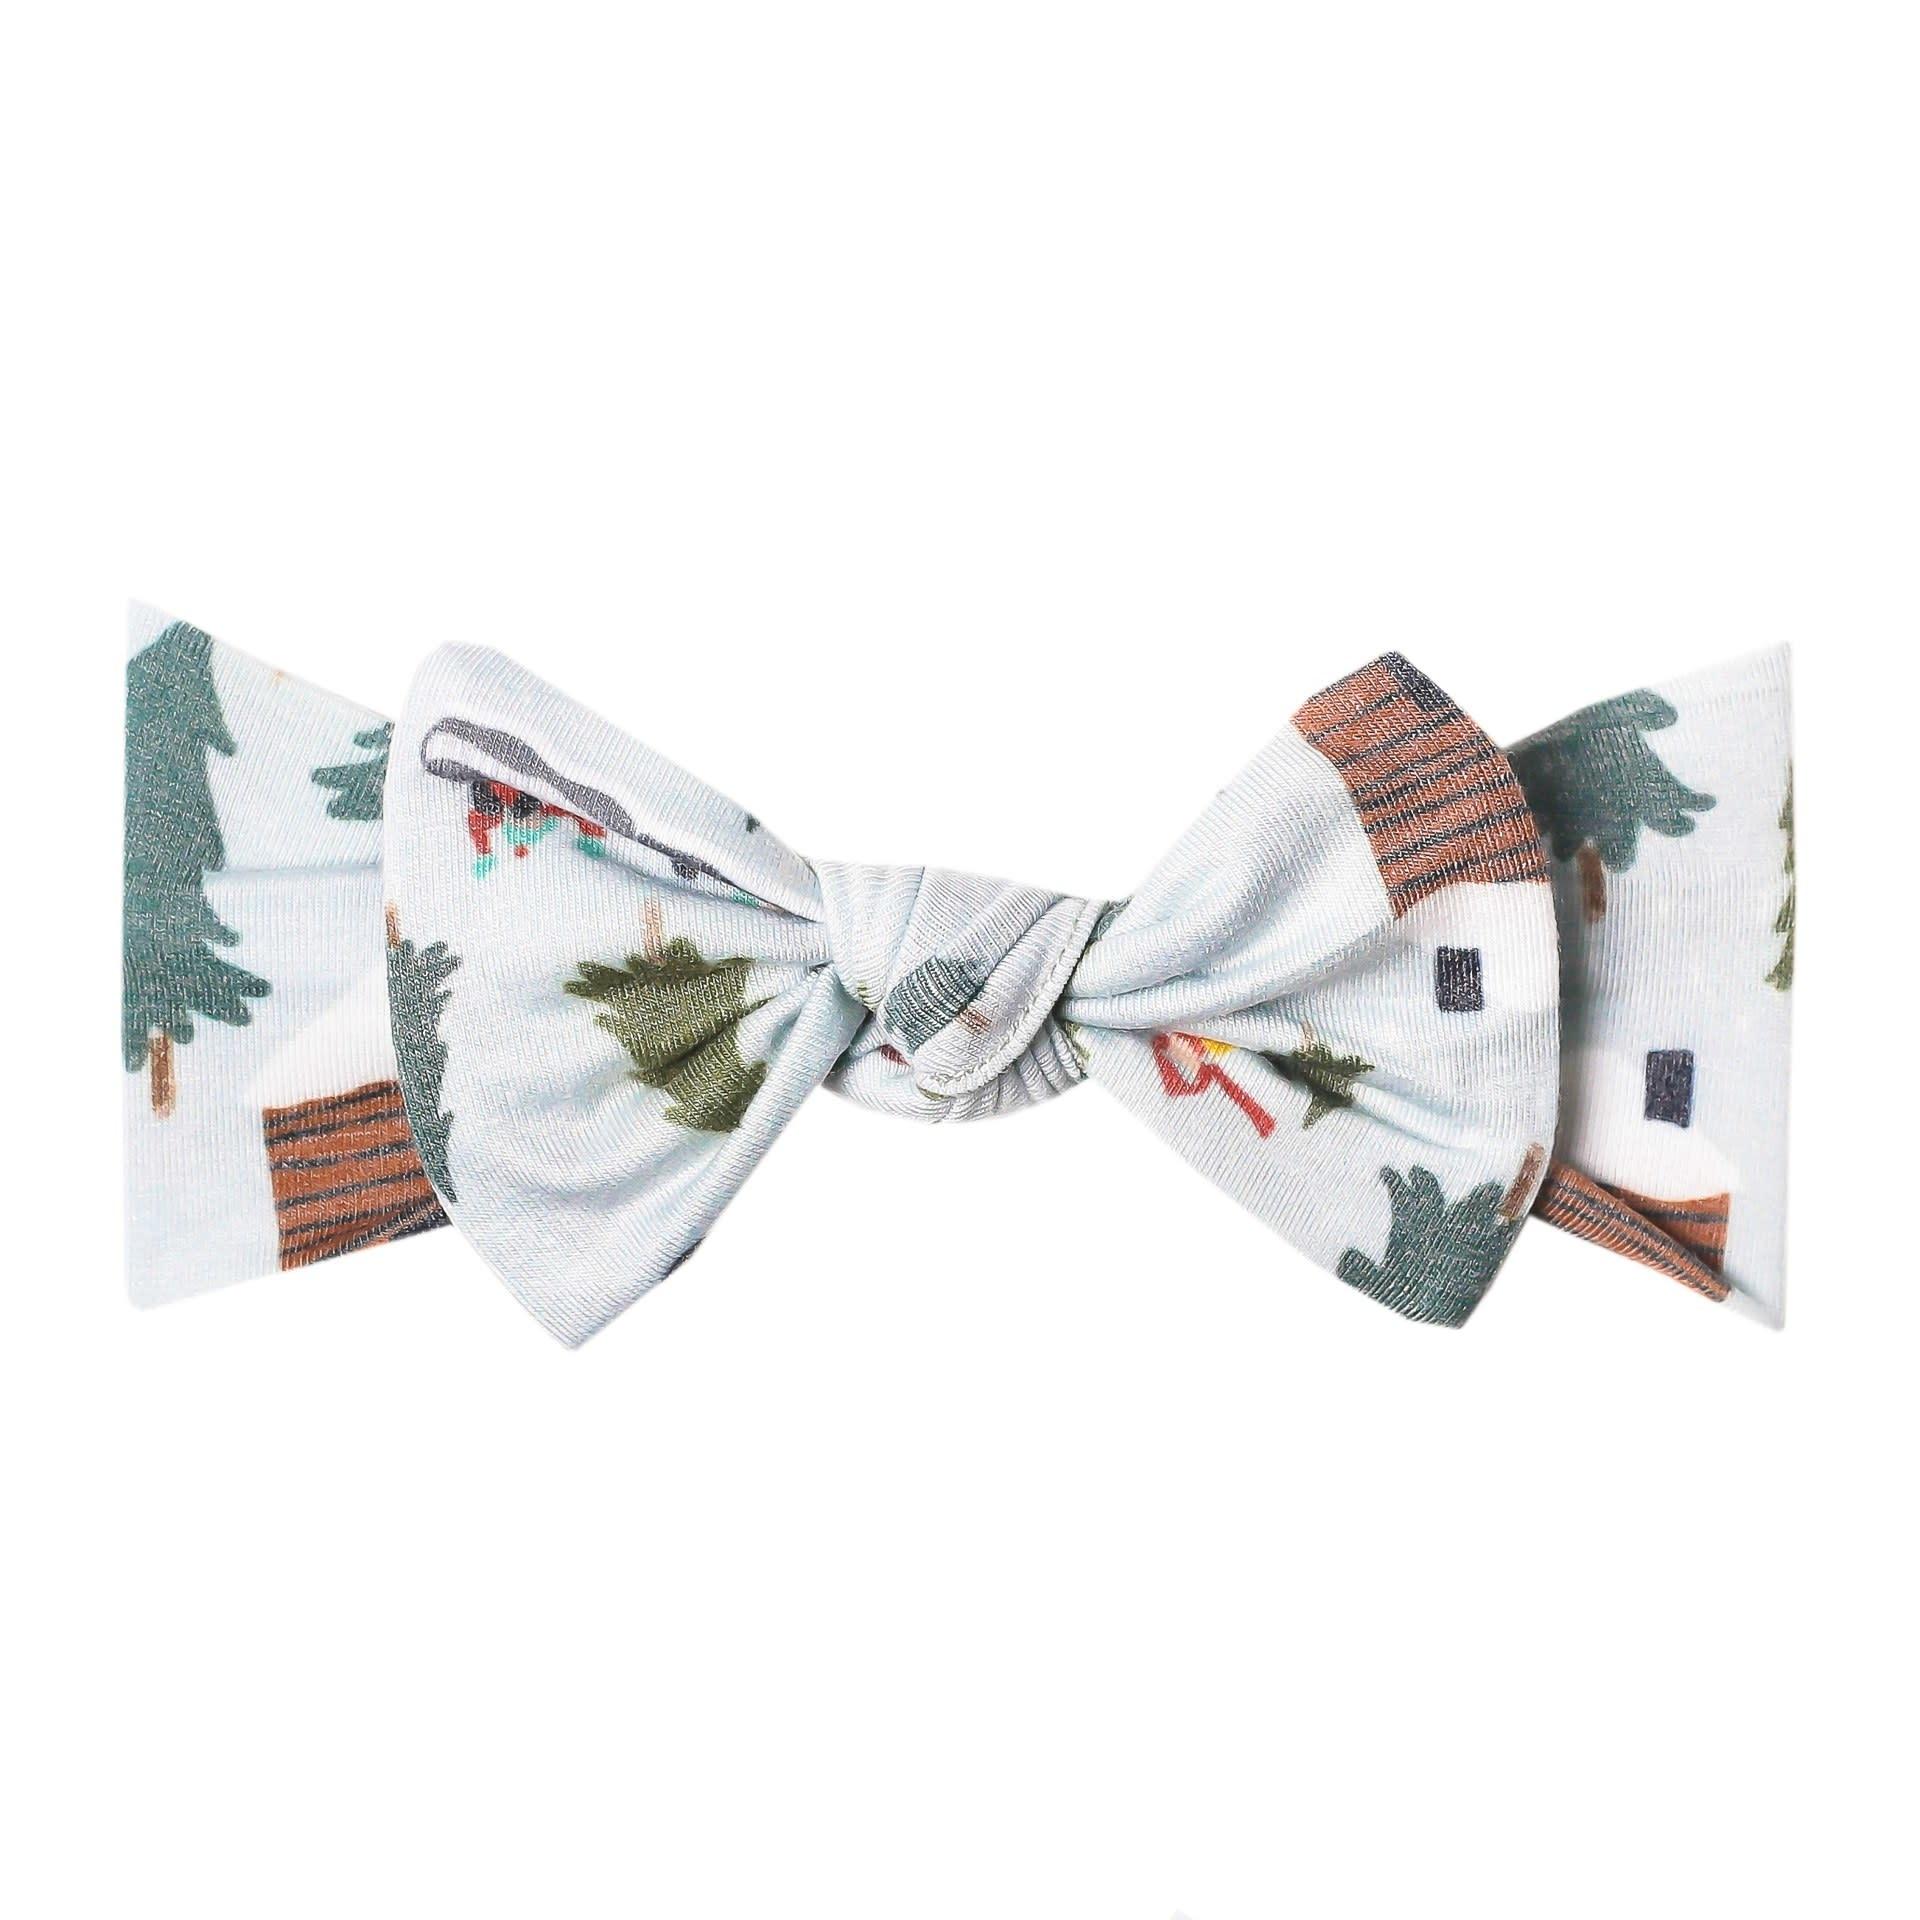 Copper Pearl Knit Headband - Kringle